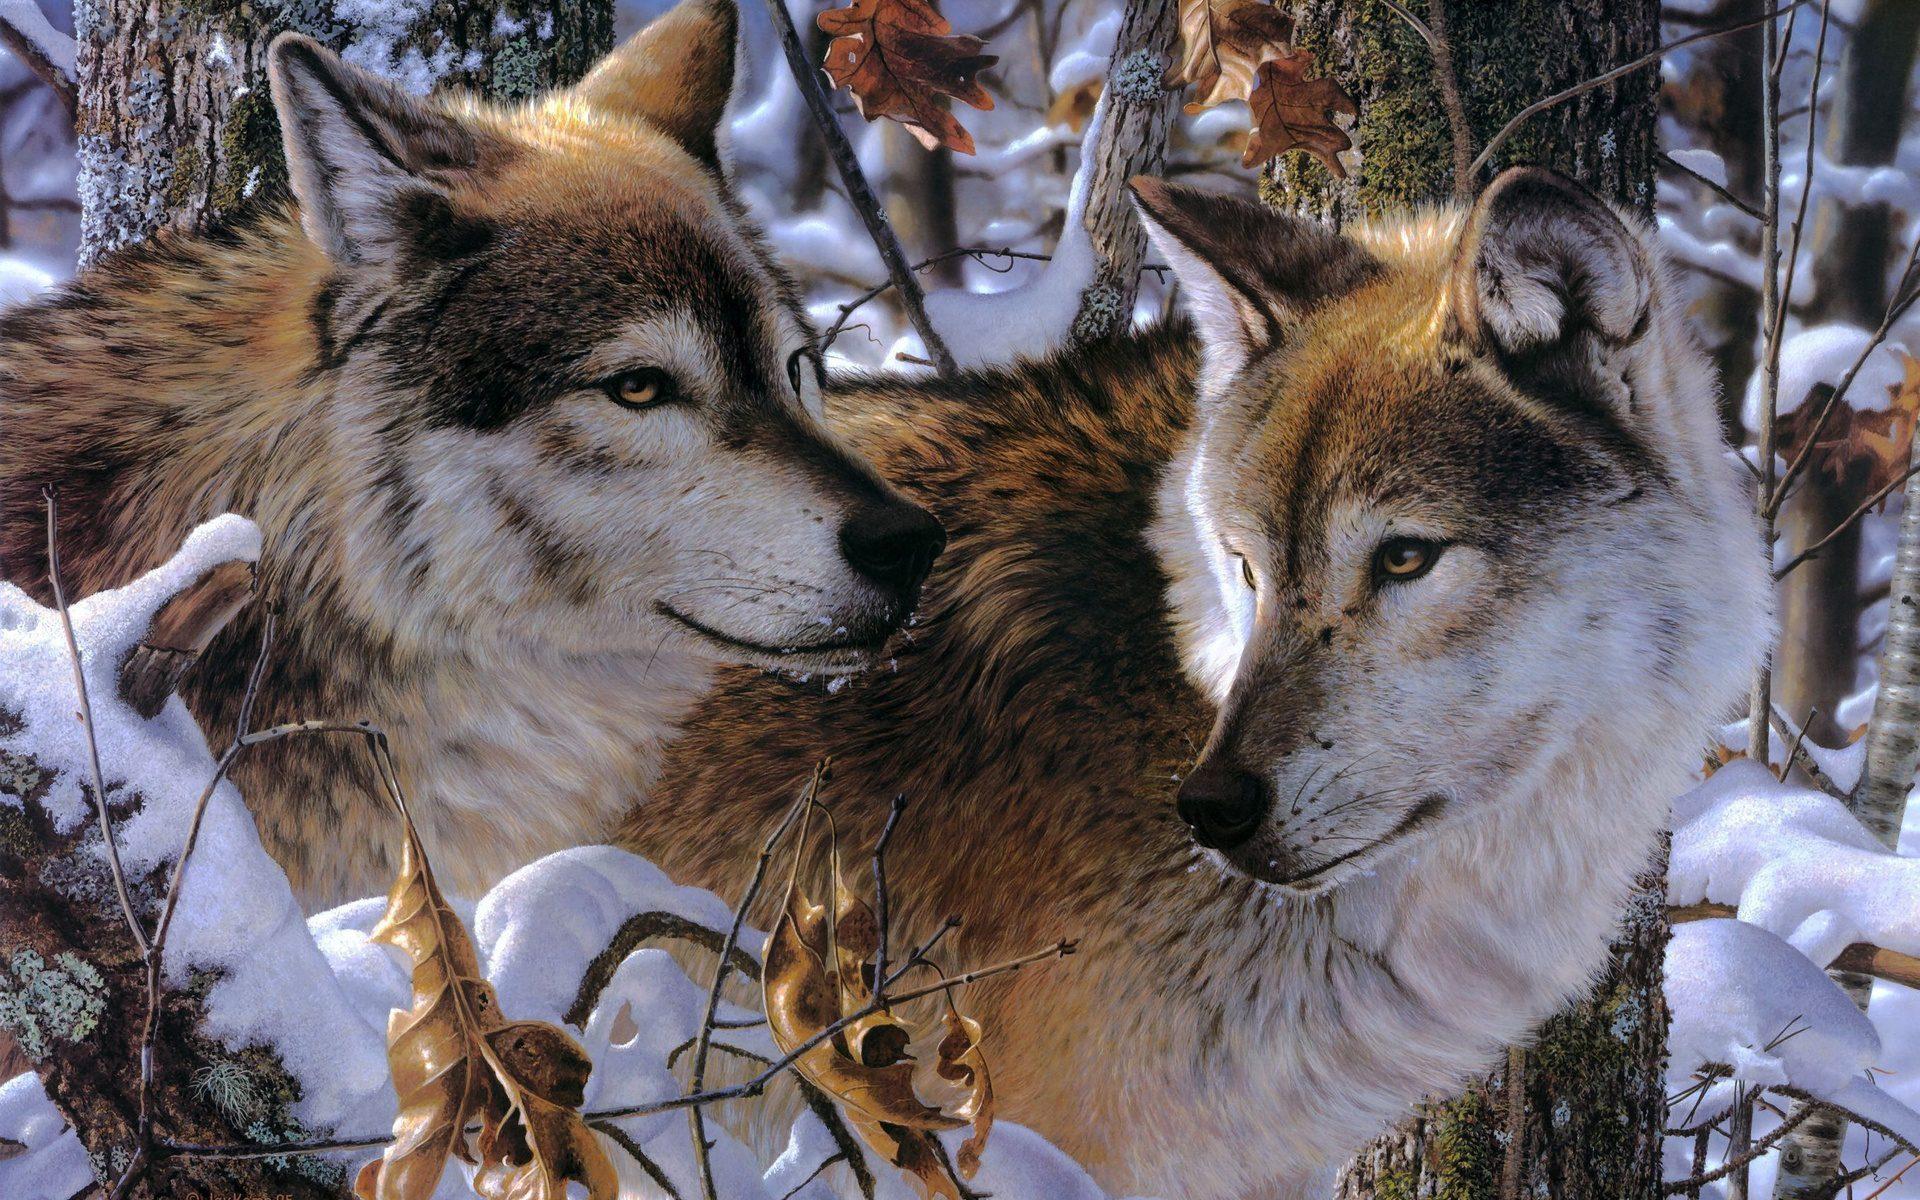 волчица зимой картинки культура, которую ошибке